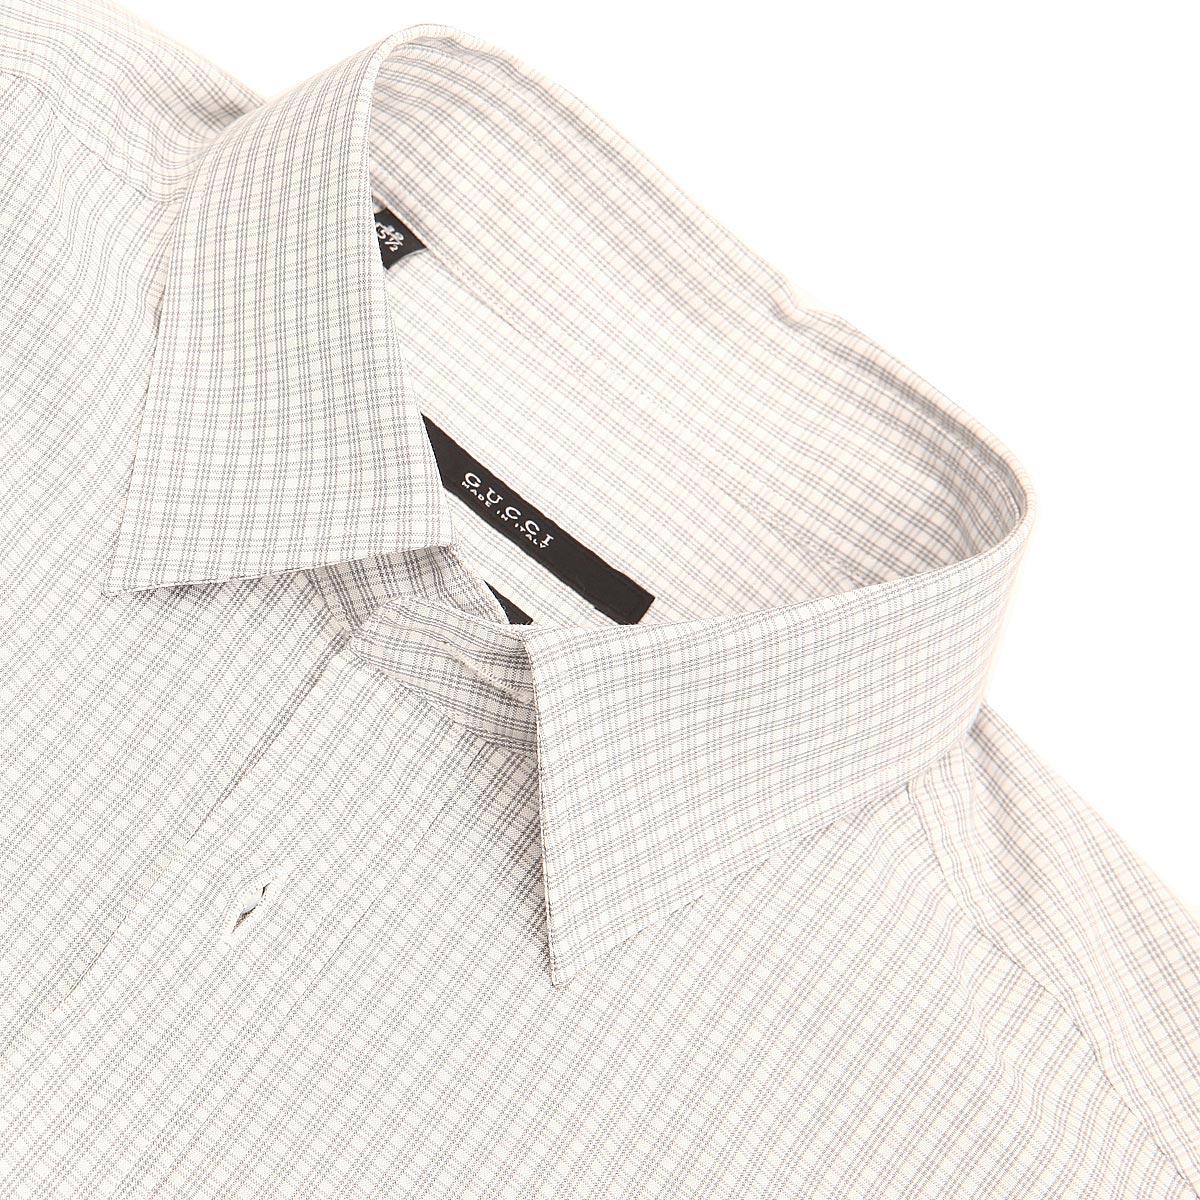 Рубашка мужская Gucci 20/309/5815 Разное Длинные рукава ( рукава > 57см )